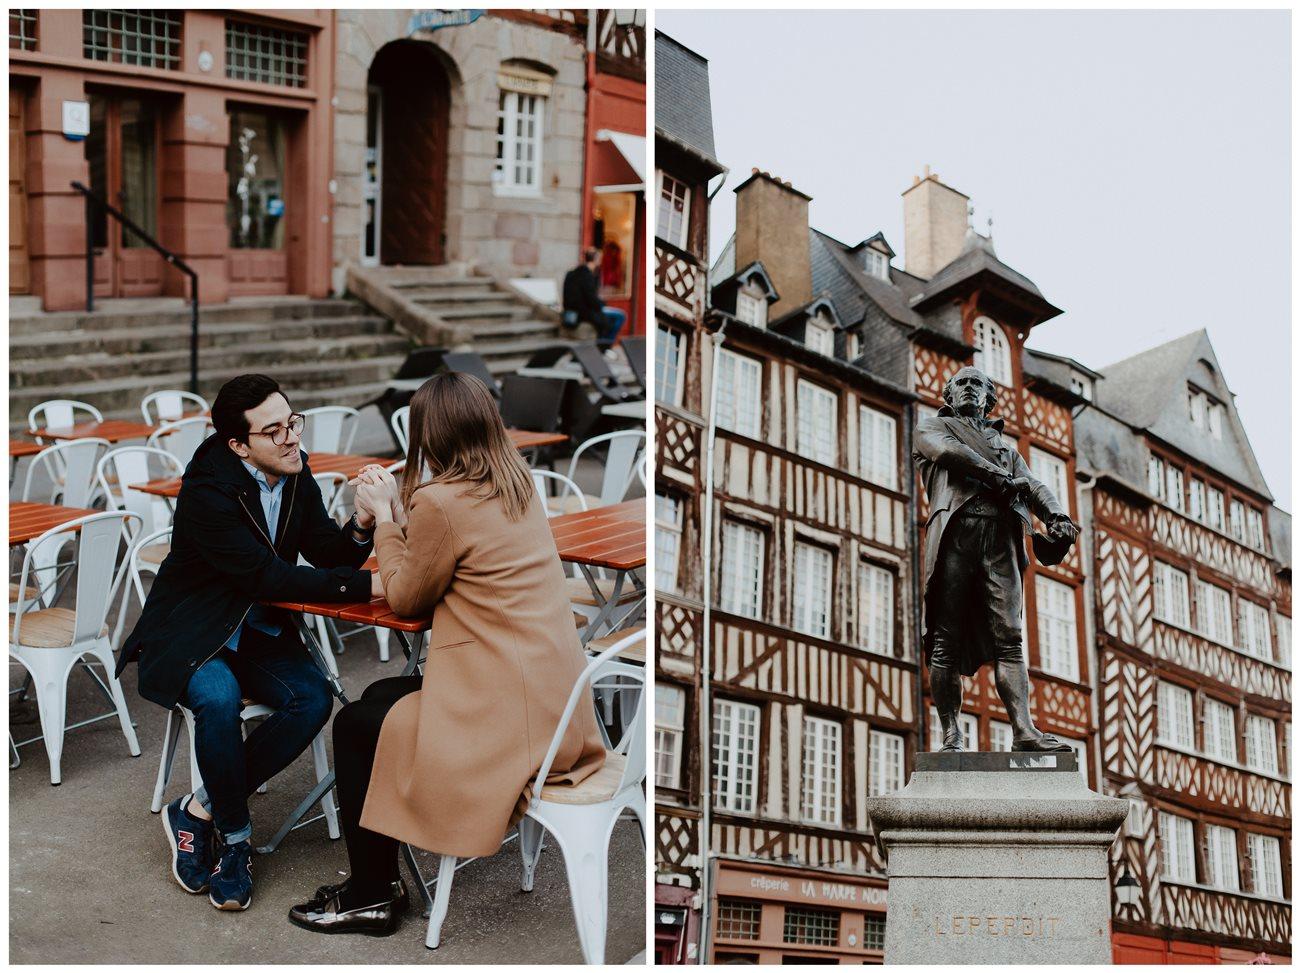 seance engagement couple en terasse main dans la main Rennes place du champ jacquet